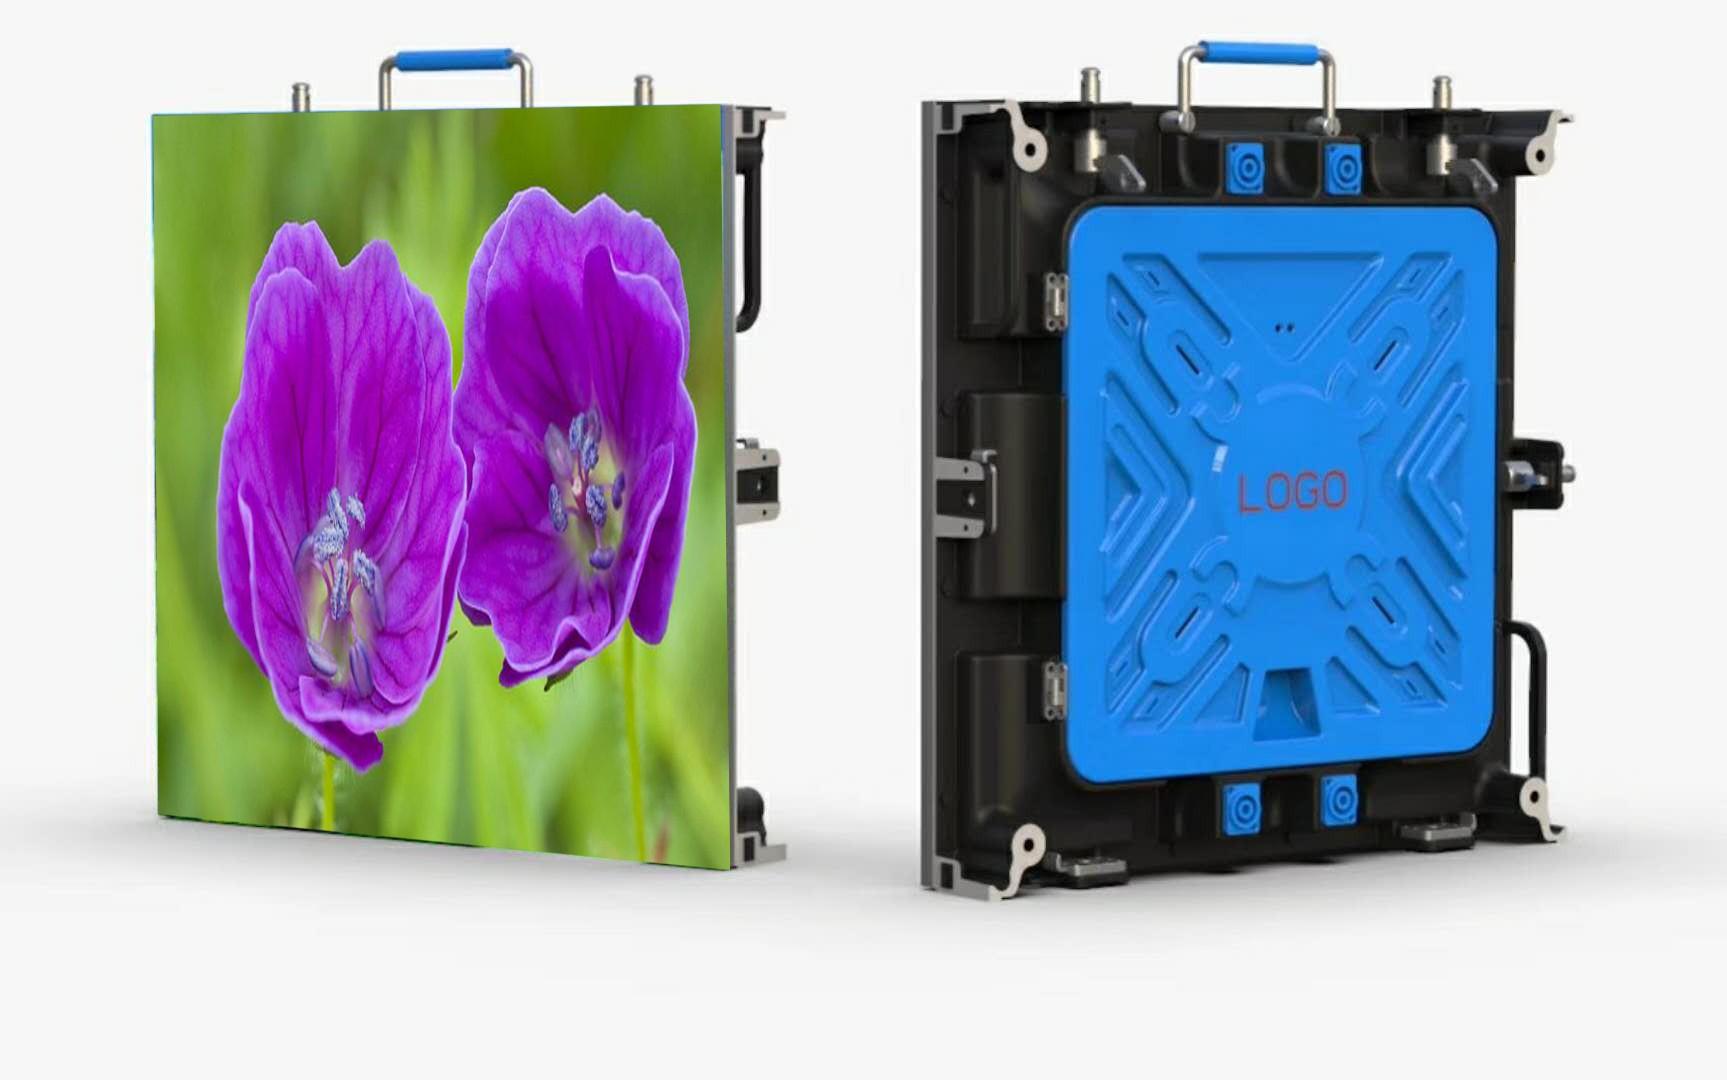 Kaufen P6 Innen-LED-Anzeige;P6 Innen-LED-Anzeige Preis;P6 Innen-LED-Anzeige Marken;P6 Innen-LED-Anzeige Hersteller;P6 Innen-LED-Anzeige Zitat;P6 Innen-LED-Anzeige Unternehmen